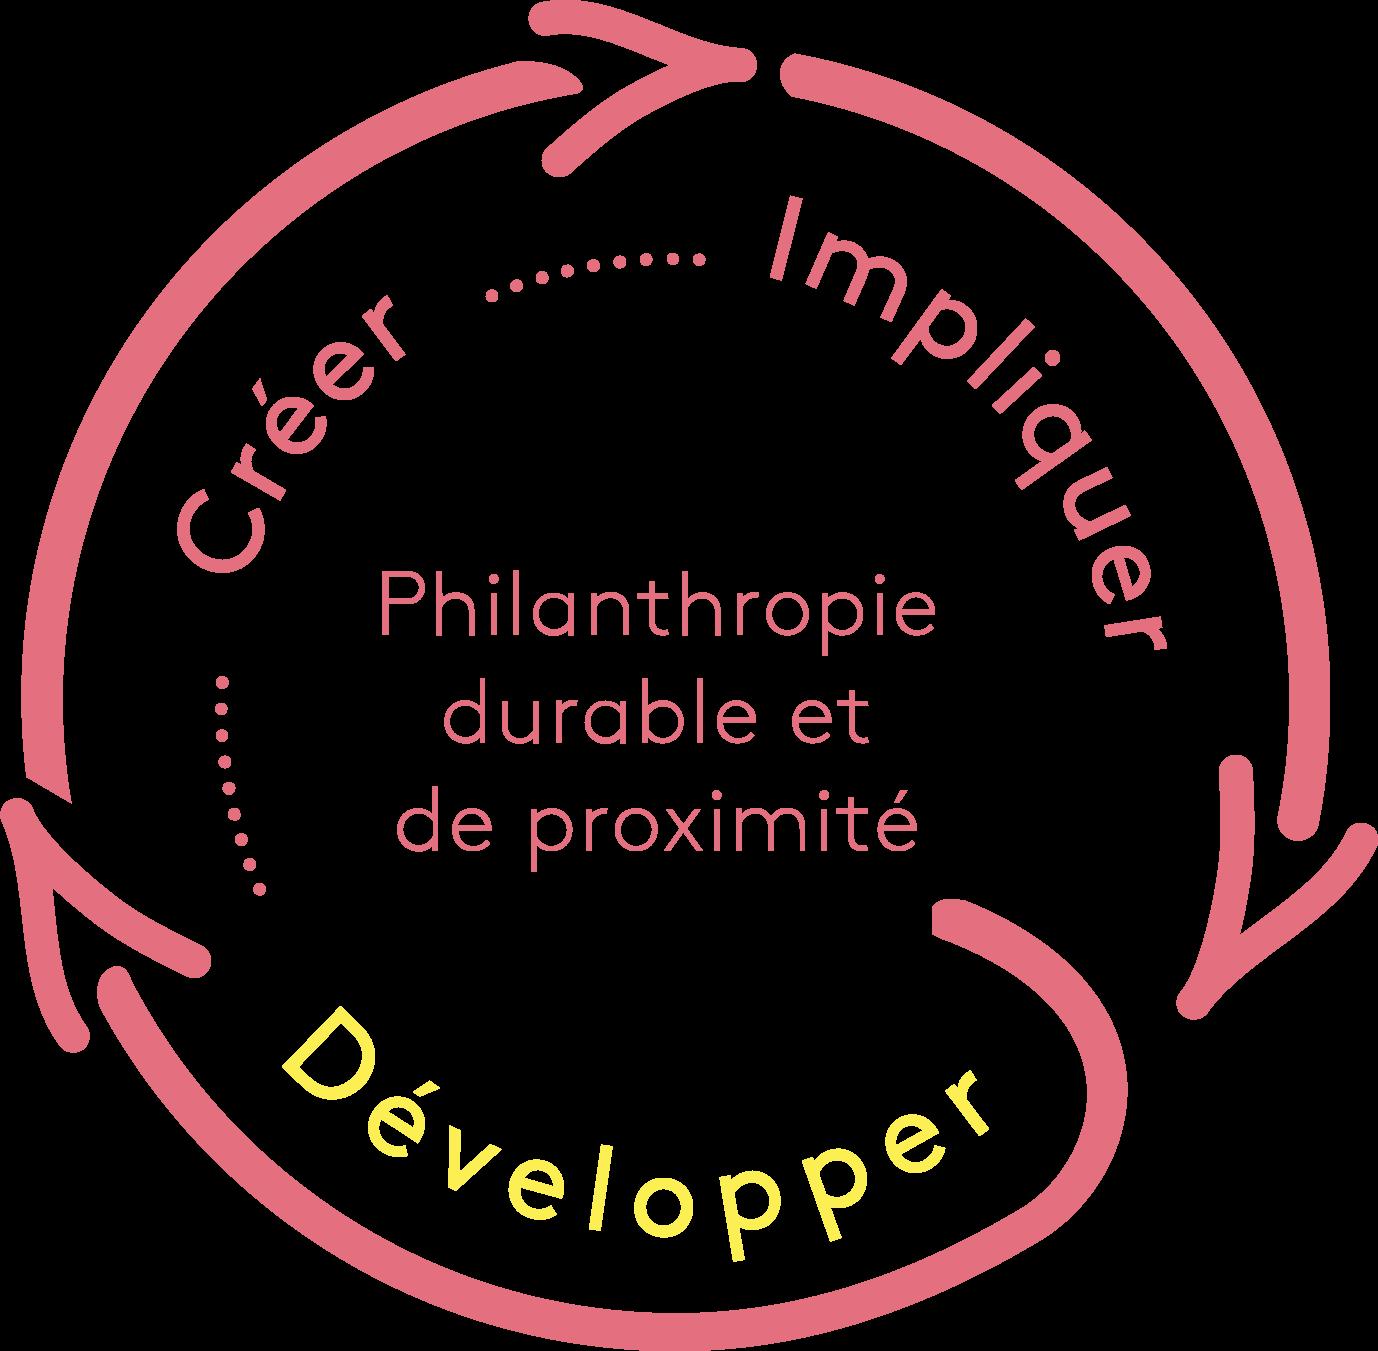 Boucle de la philanthropie durable et de proximité, emphase sur Développer